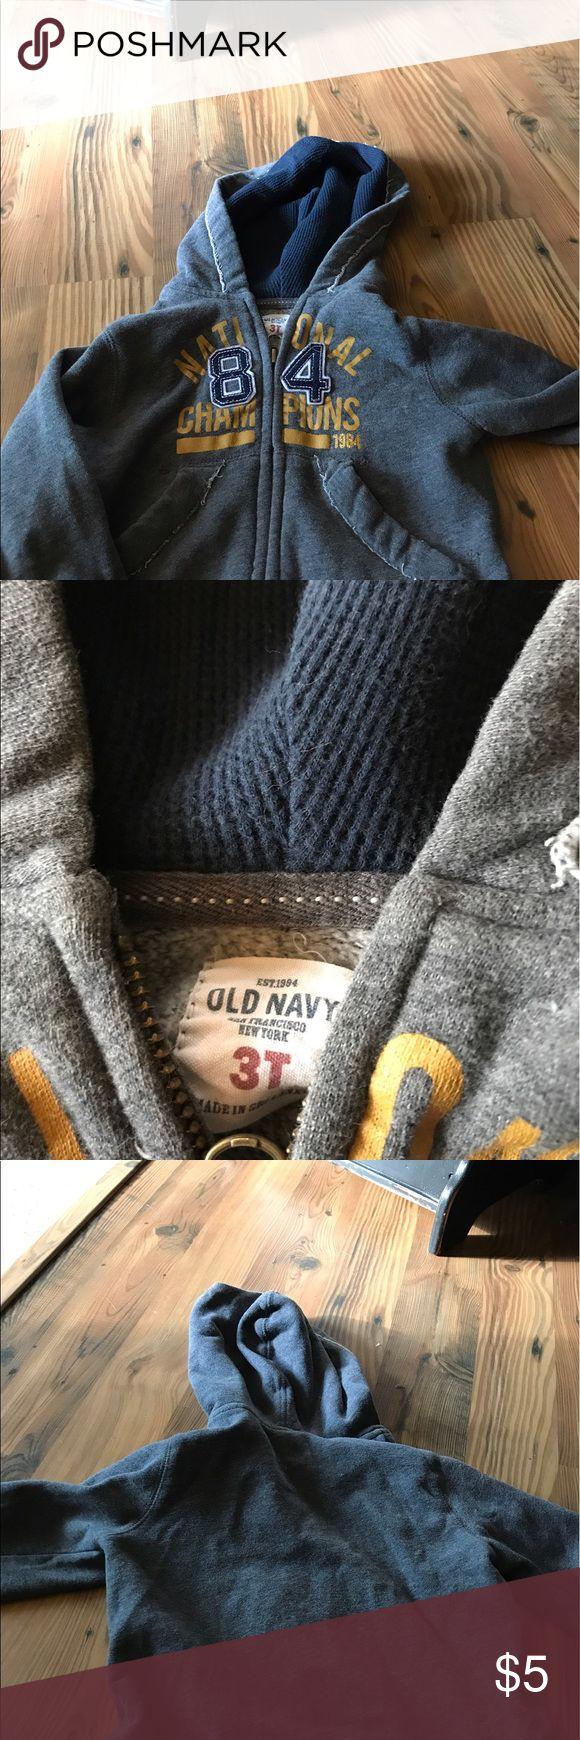 Old navy hoodie zipper sweatshirt Old navy sweatshirt zipper up. In good condition. Size 3t. It is a heavy sweatshirt. Old Navy Shirts & Tops Sweatshirts & Hoodies